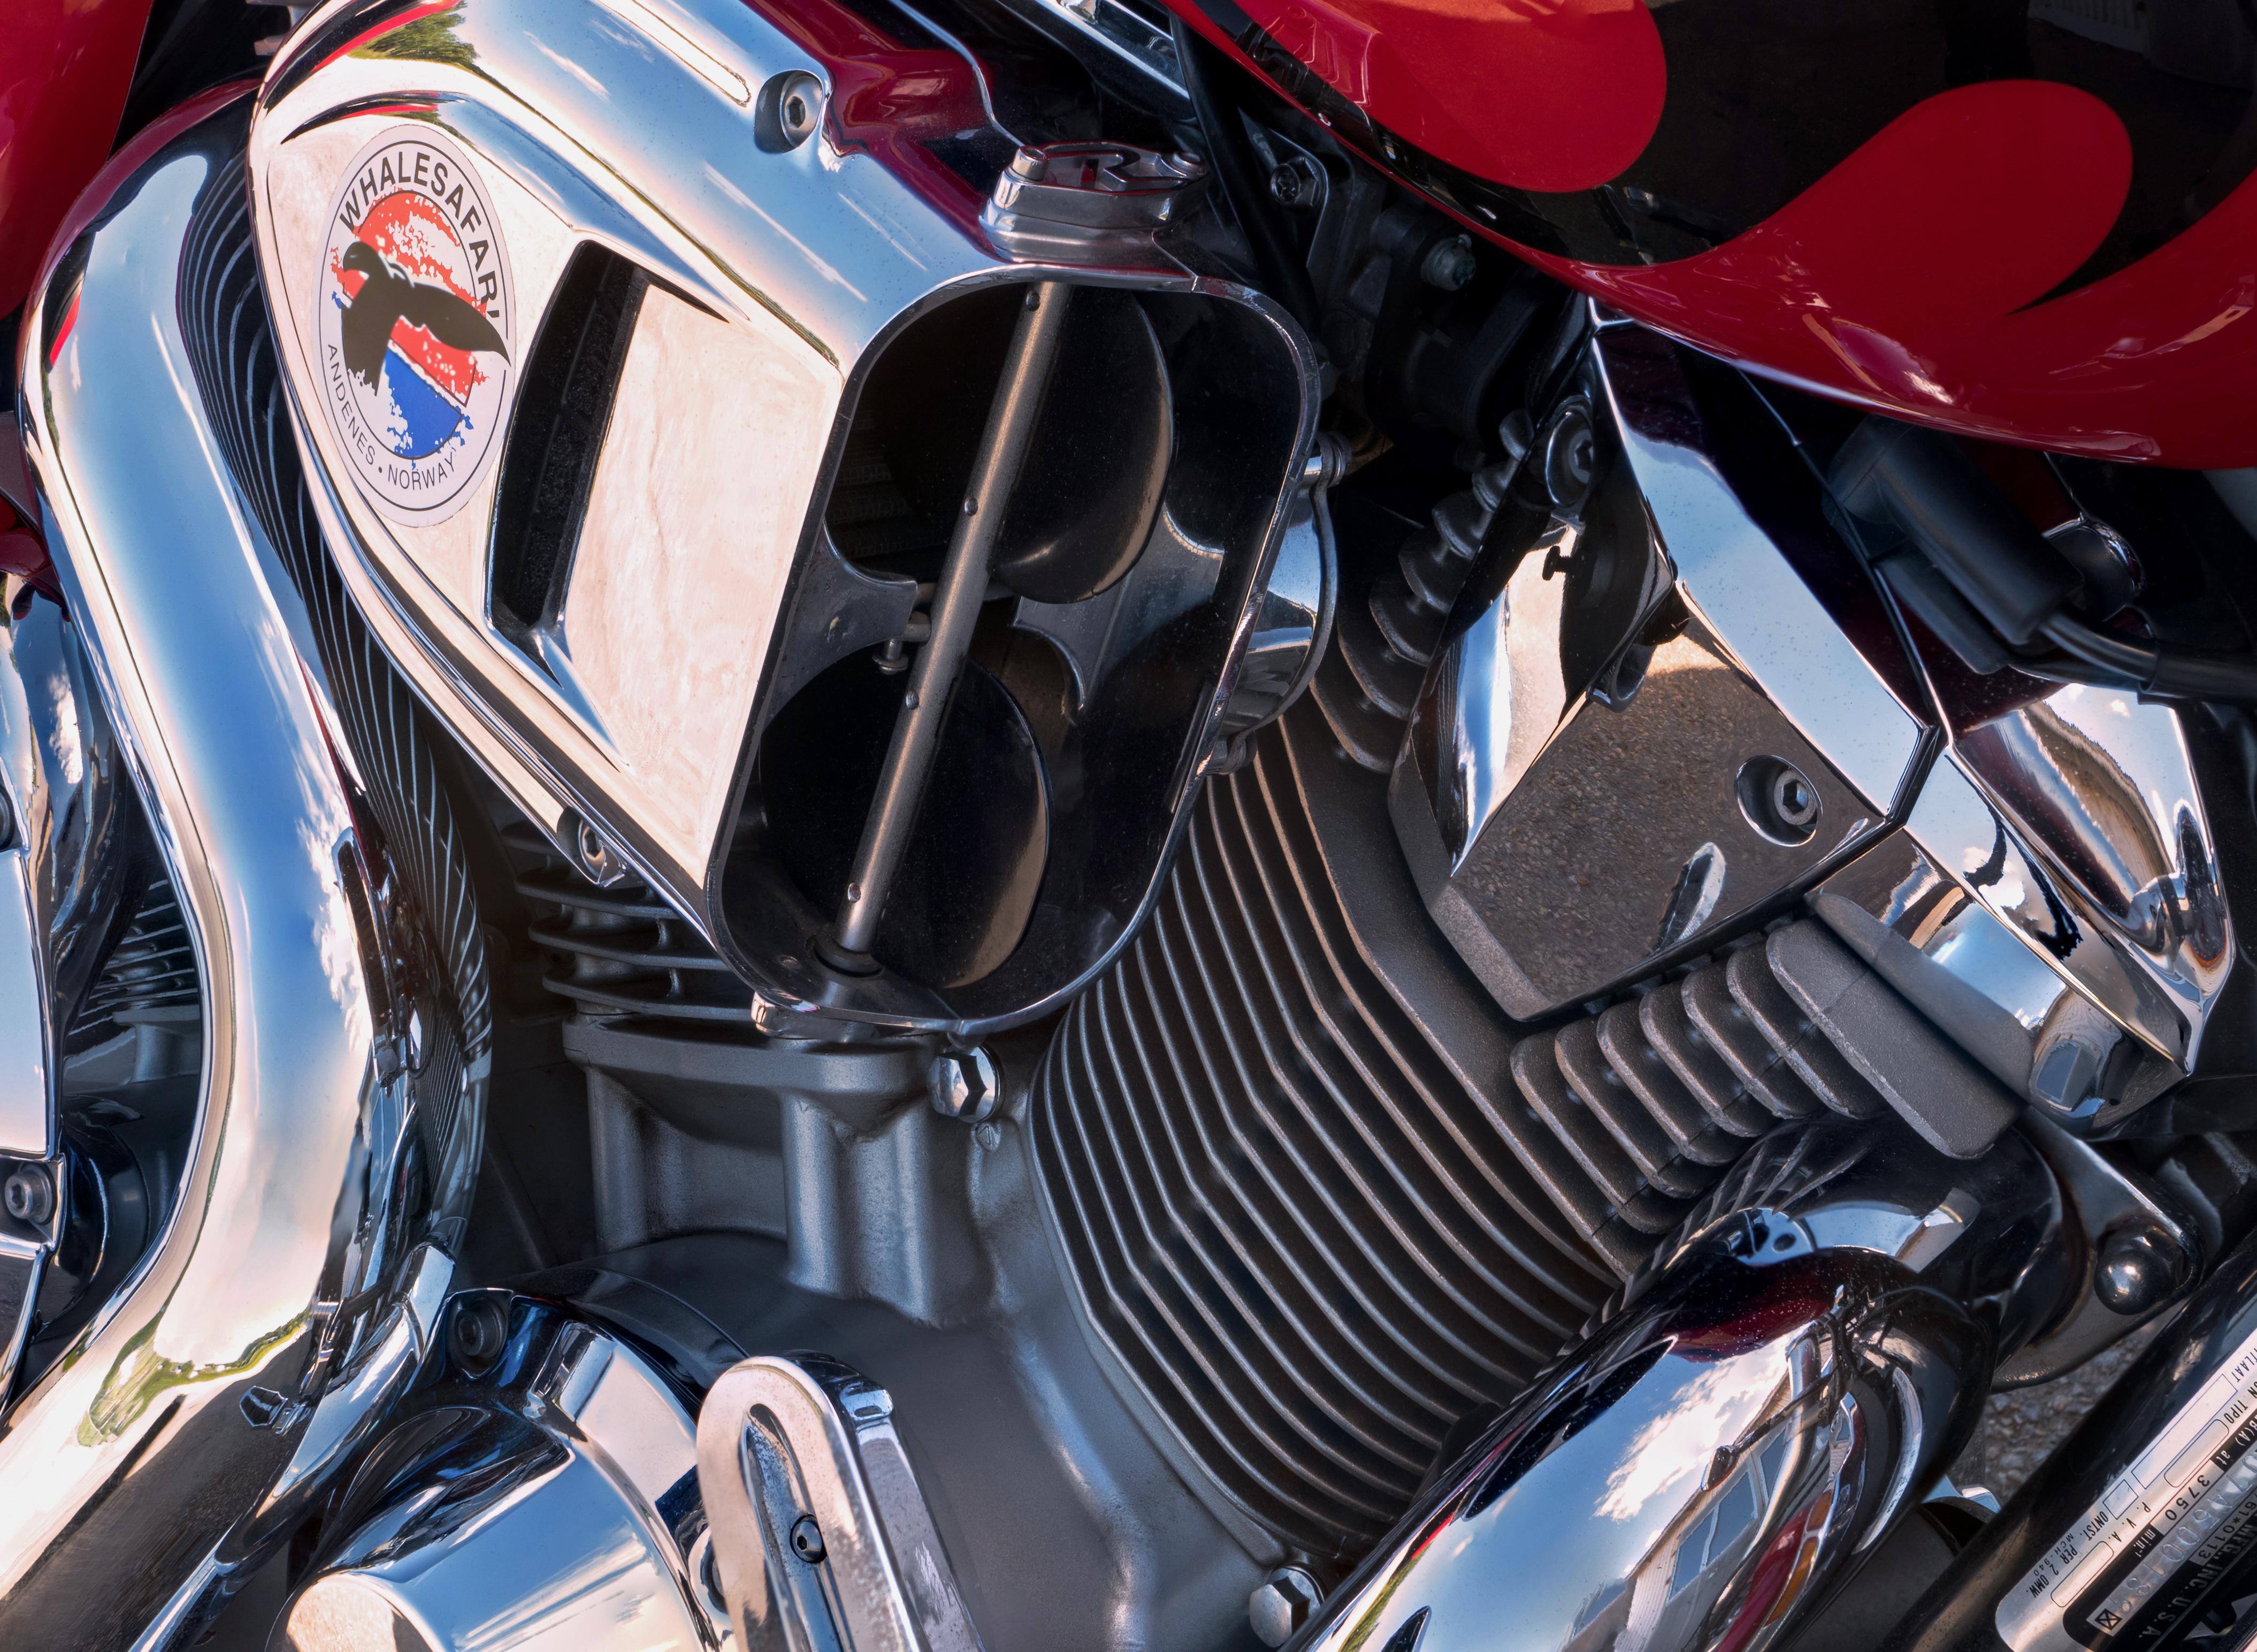 Honda VTX 1800 C 2007 - air intake, 1800, Car, Chrome, Honda, HQ Photo